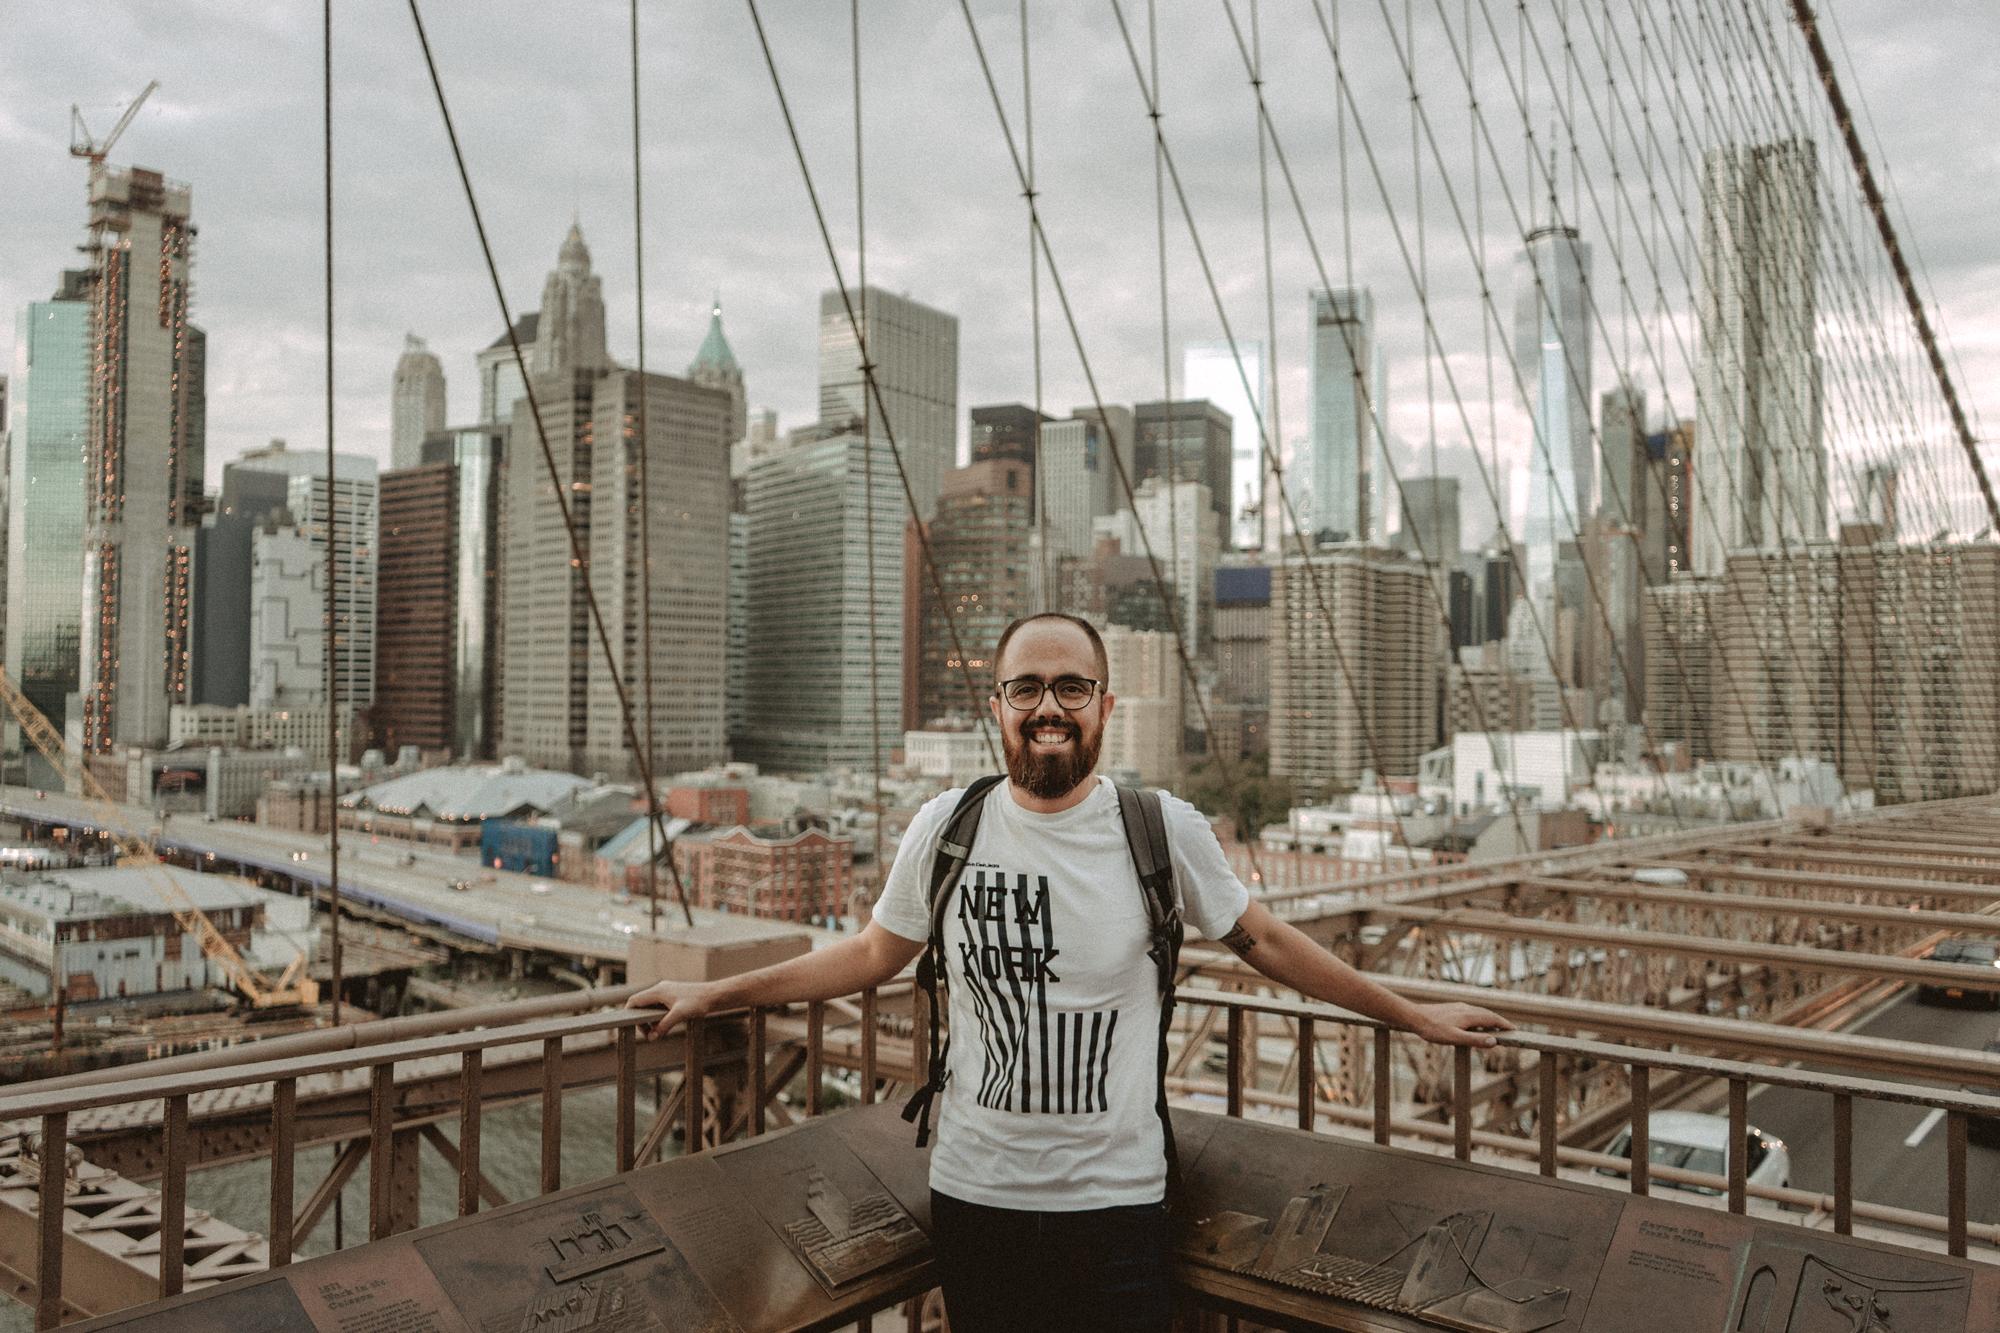 Vista desde el puente de Brooklyn.